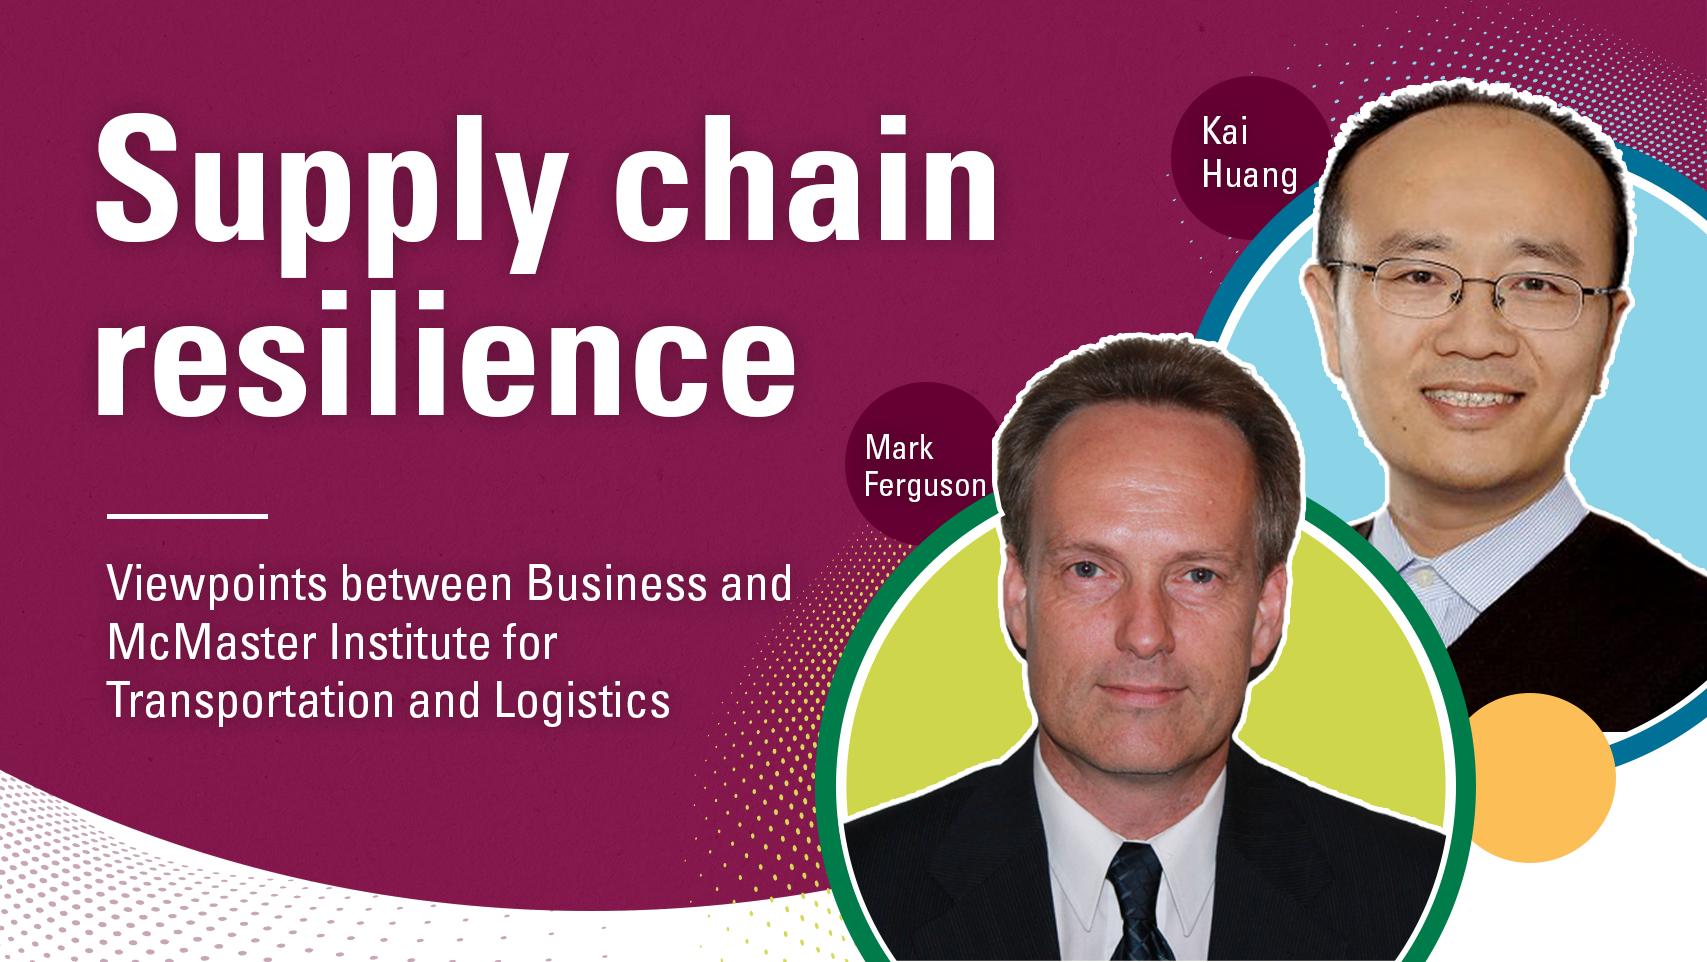 Kai Huang Mark Ferguson Supply chain resilience